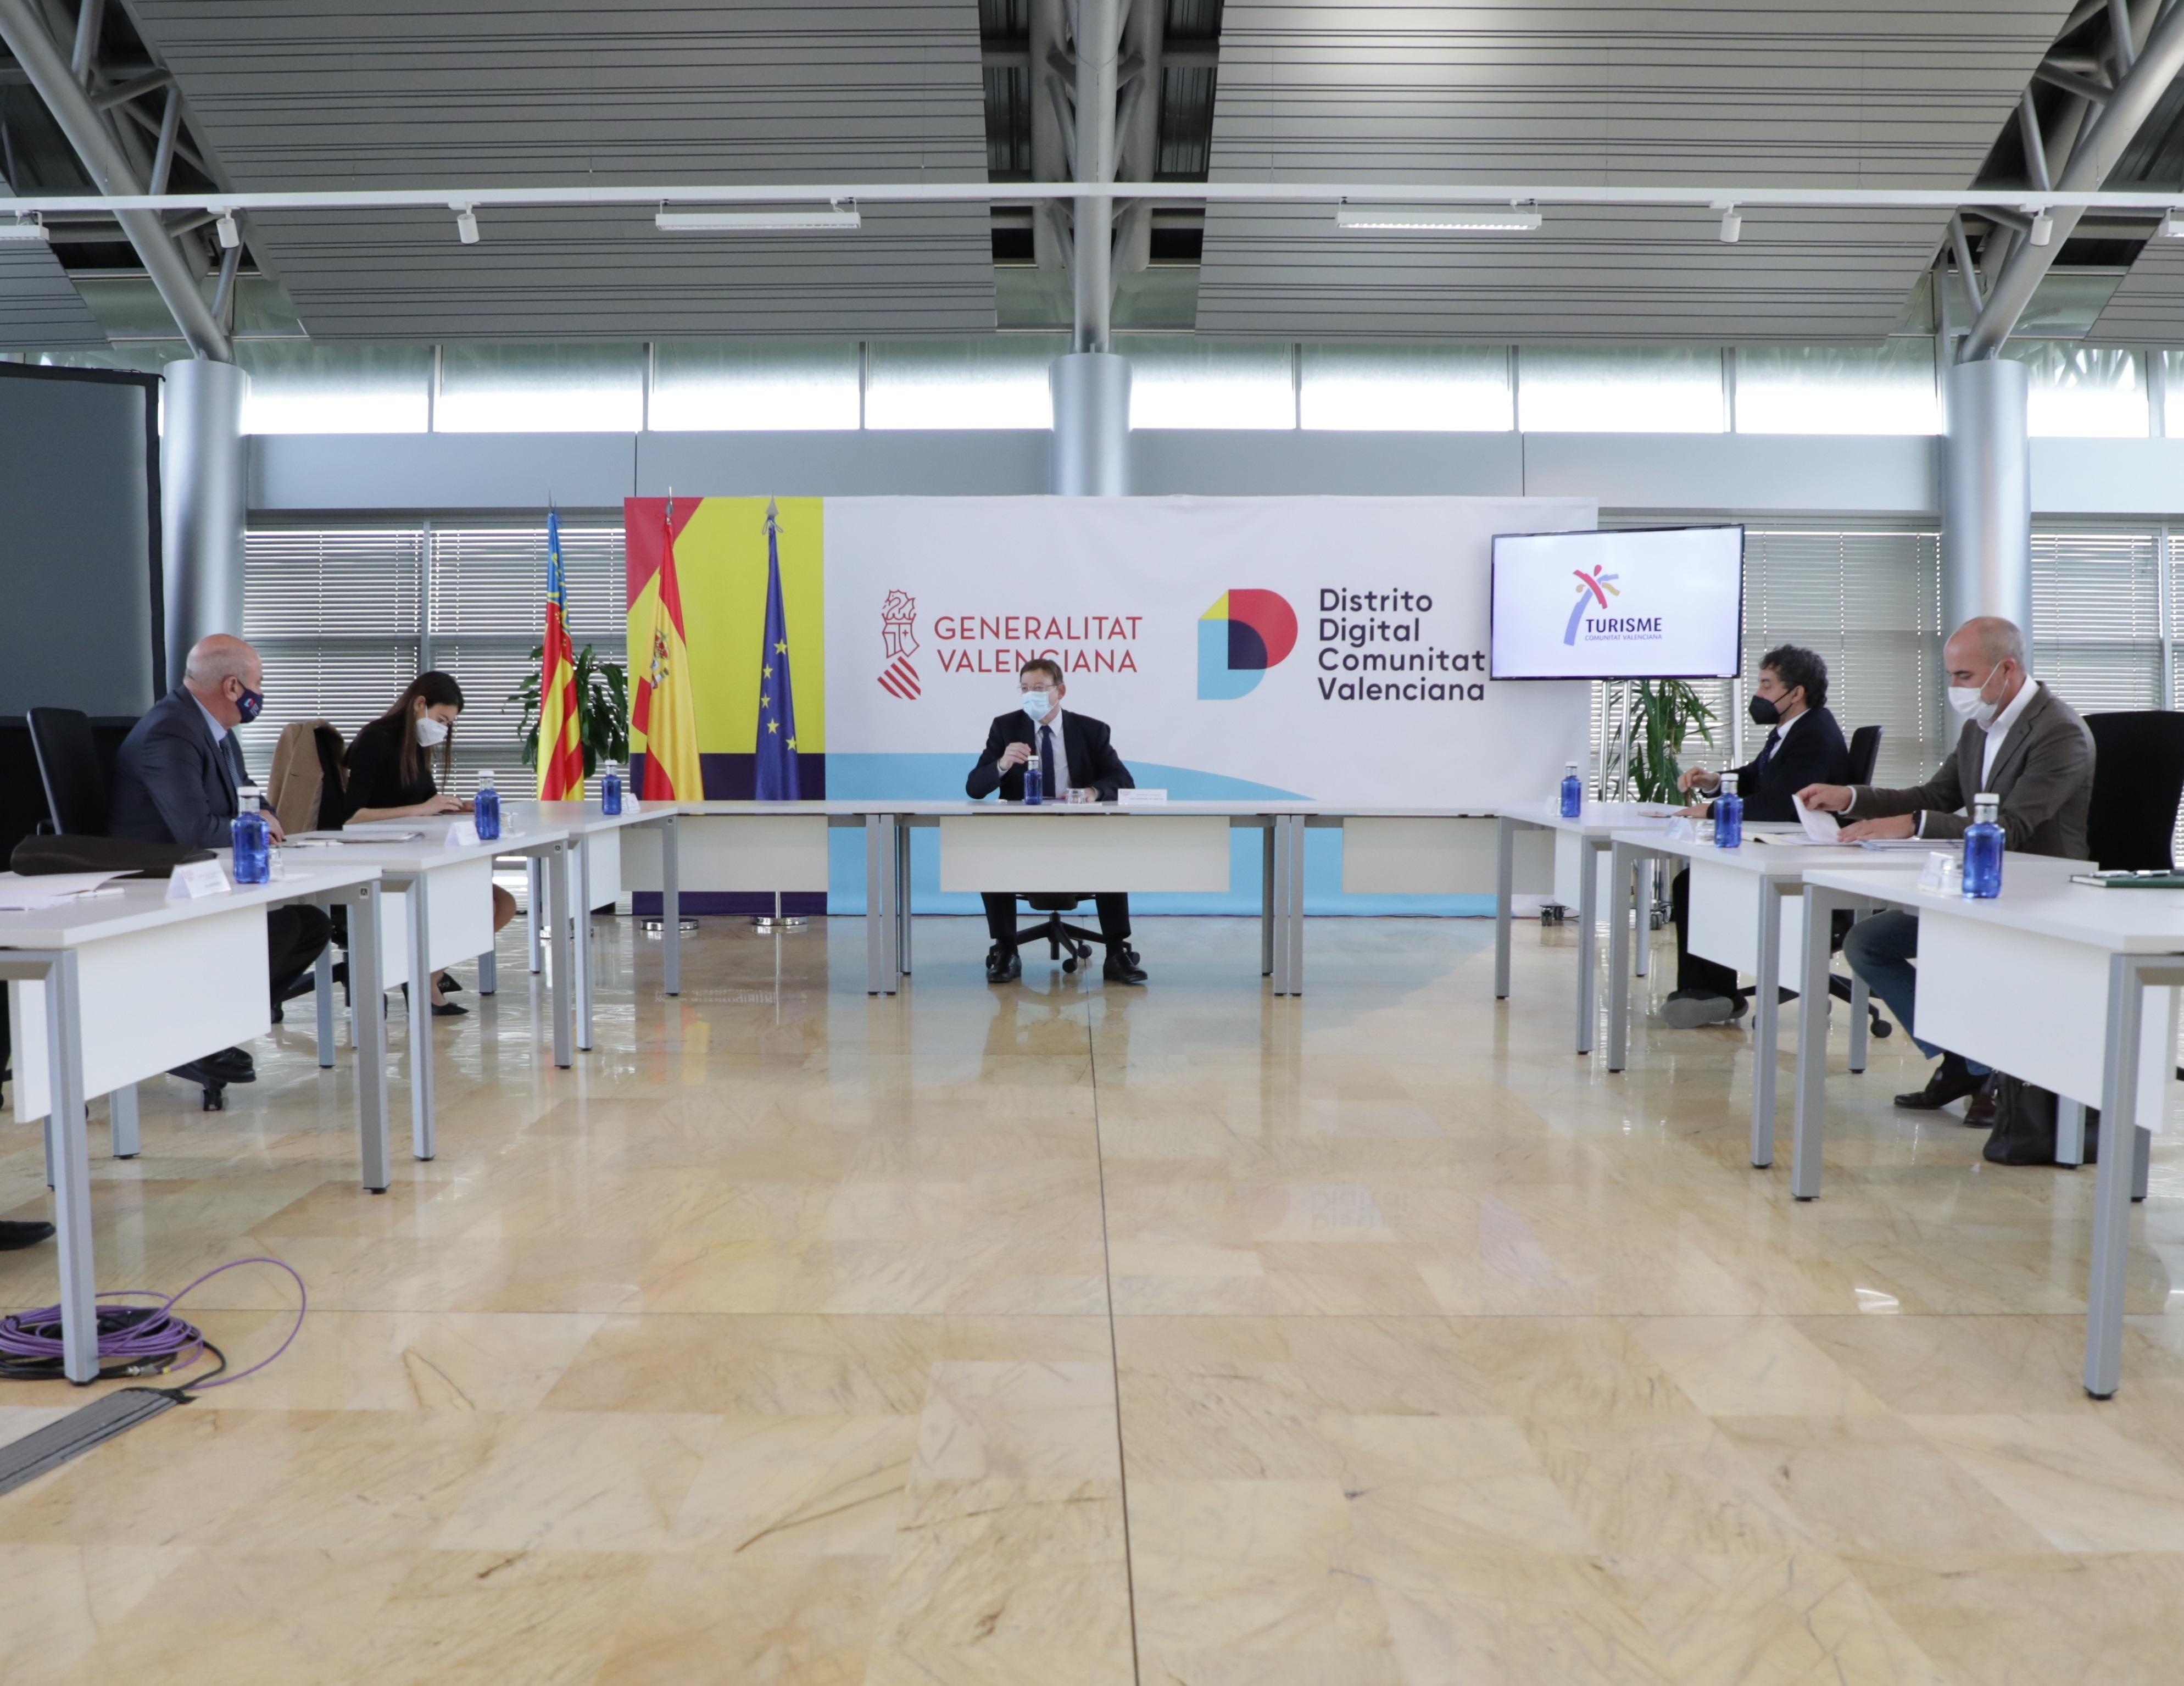 Ximo Puig preside una reunión en Distrito Digital